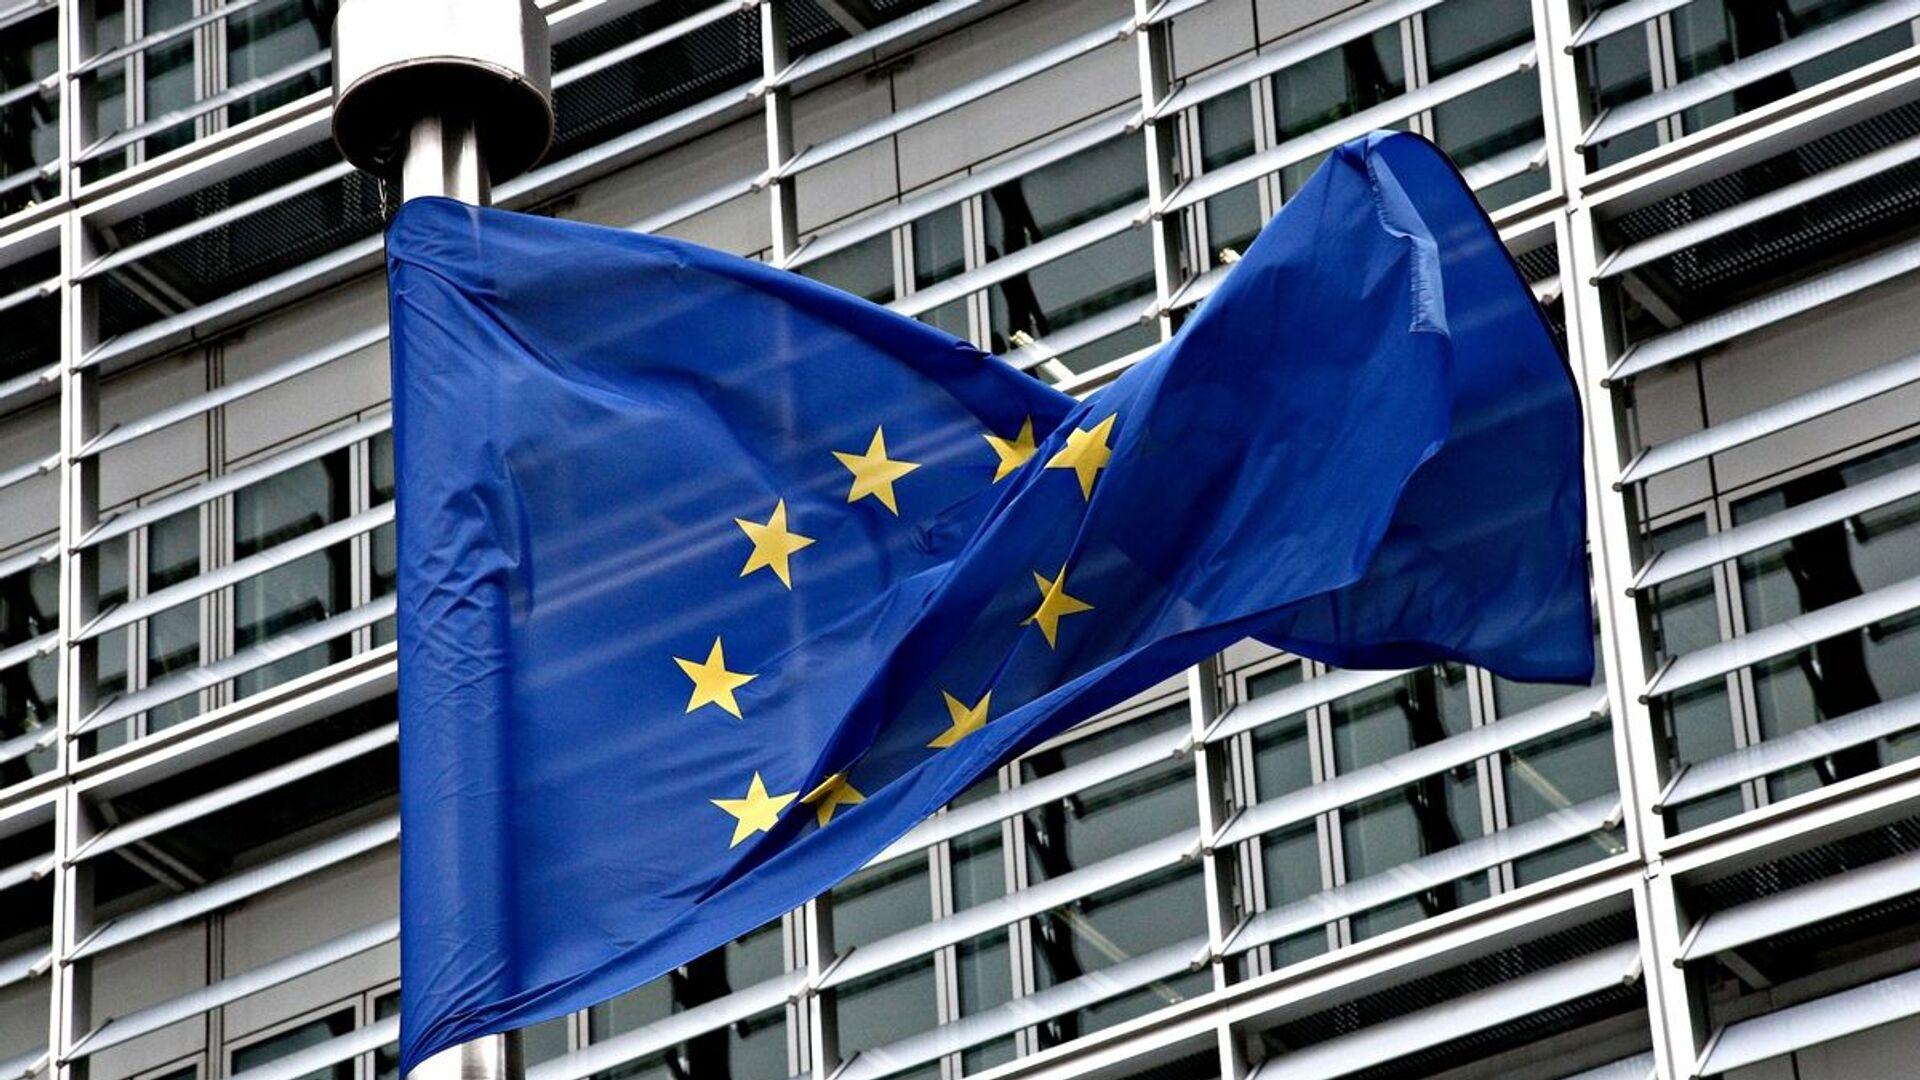 Η σημαία της Ευρωπαϊκής Ένωσης - Sputnik Ελλάδα, 1920, 20.09.2021